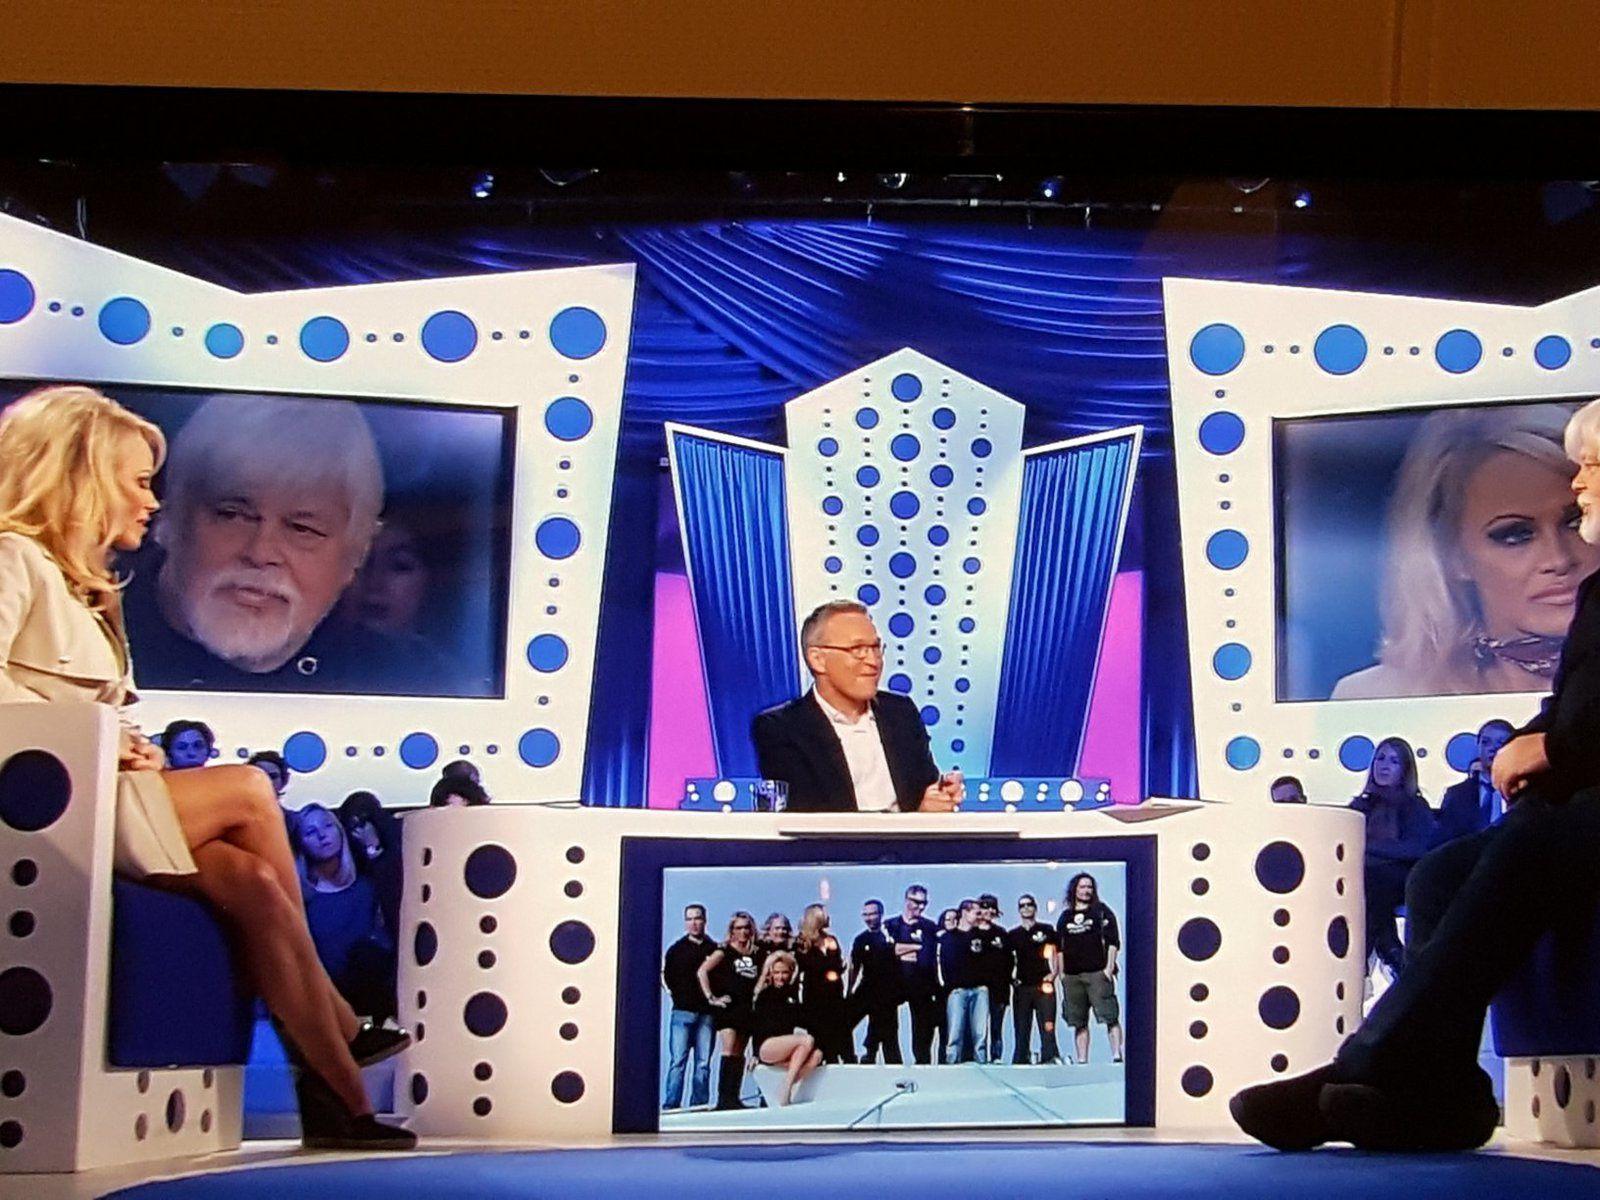 Paul Watson et Pamela Anderson sur France 2 dans l'émission &quot&#x3B;On n'est pas couché&quot&#x3B;...